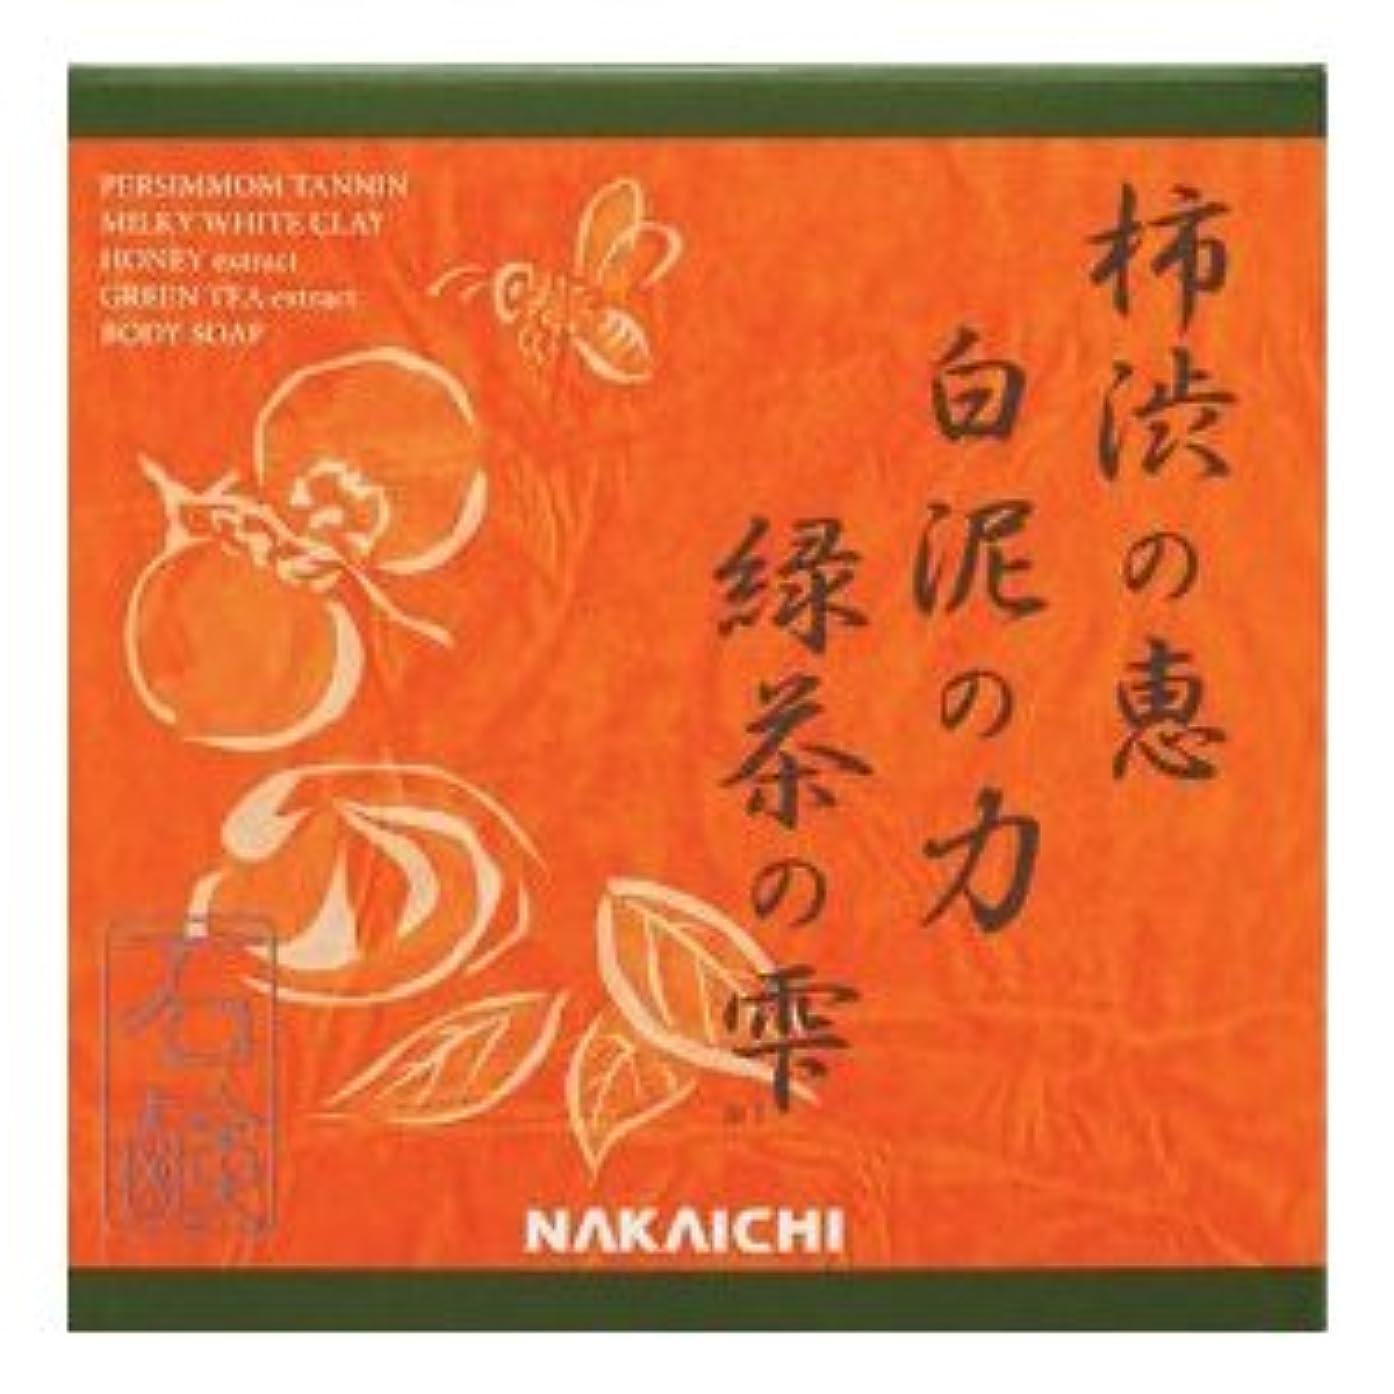 最初に書き込みコスチューム柿渋の恵み?白泥の力?緑茶の雫  Nakaichi クリアボディーソープ  100g  (化粧品)